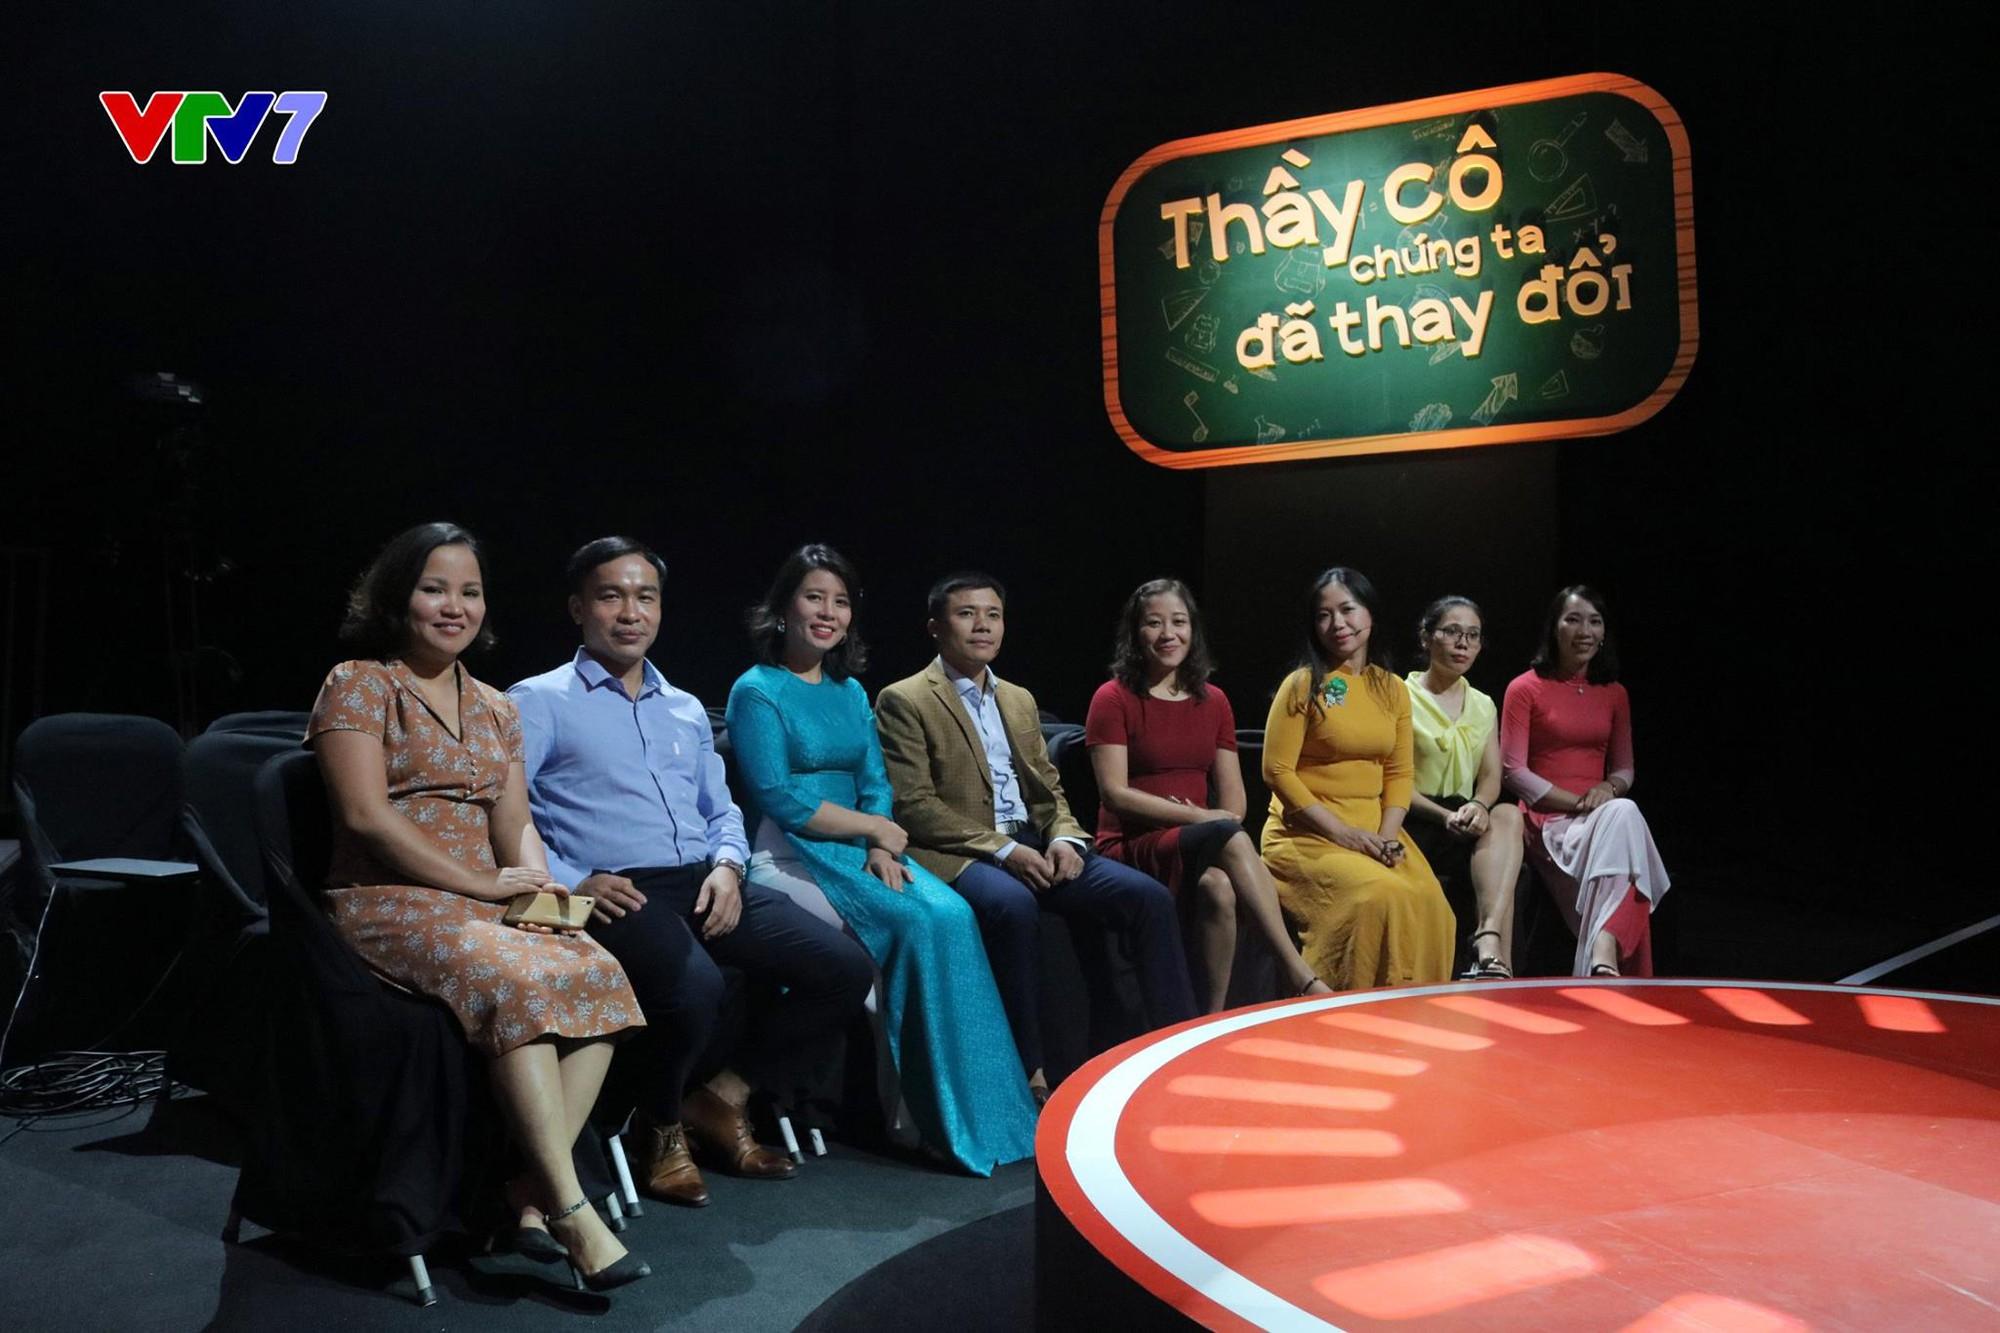 Dấu ấn VTV7 qua những chương trình giáo dục truyền cảm hứng - Ảnh 7.